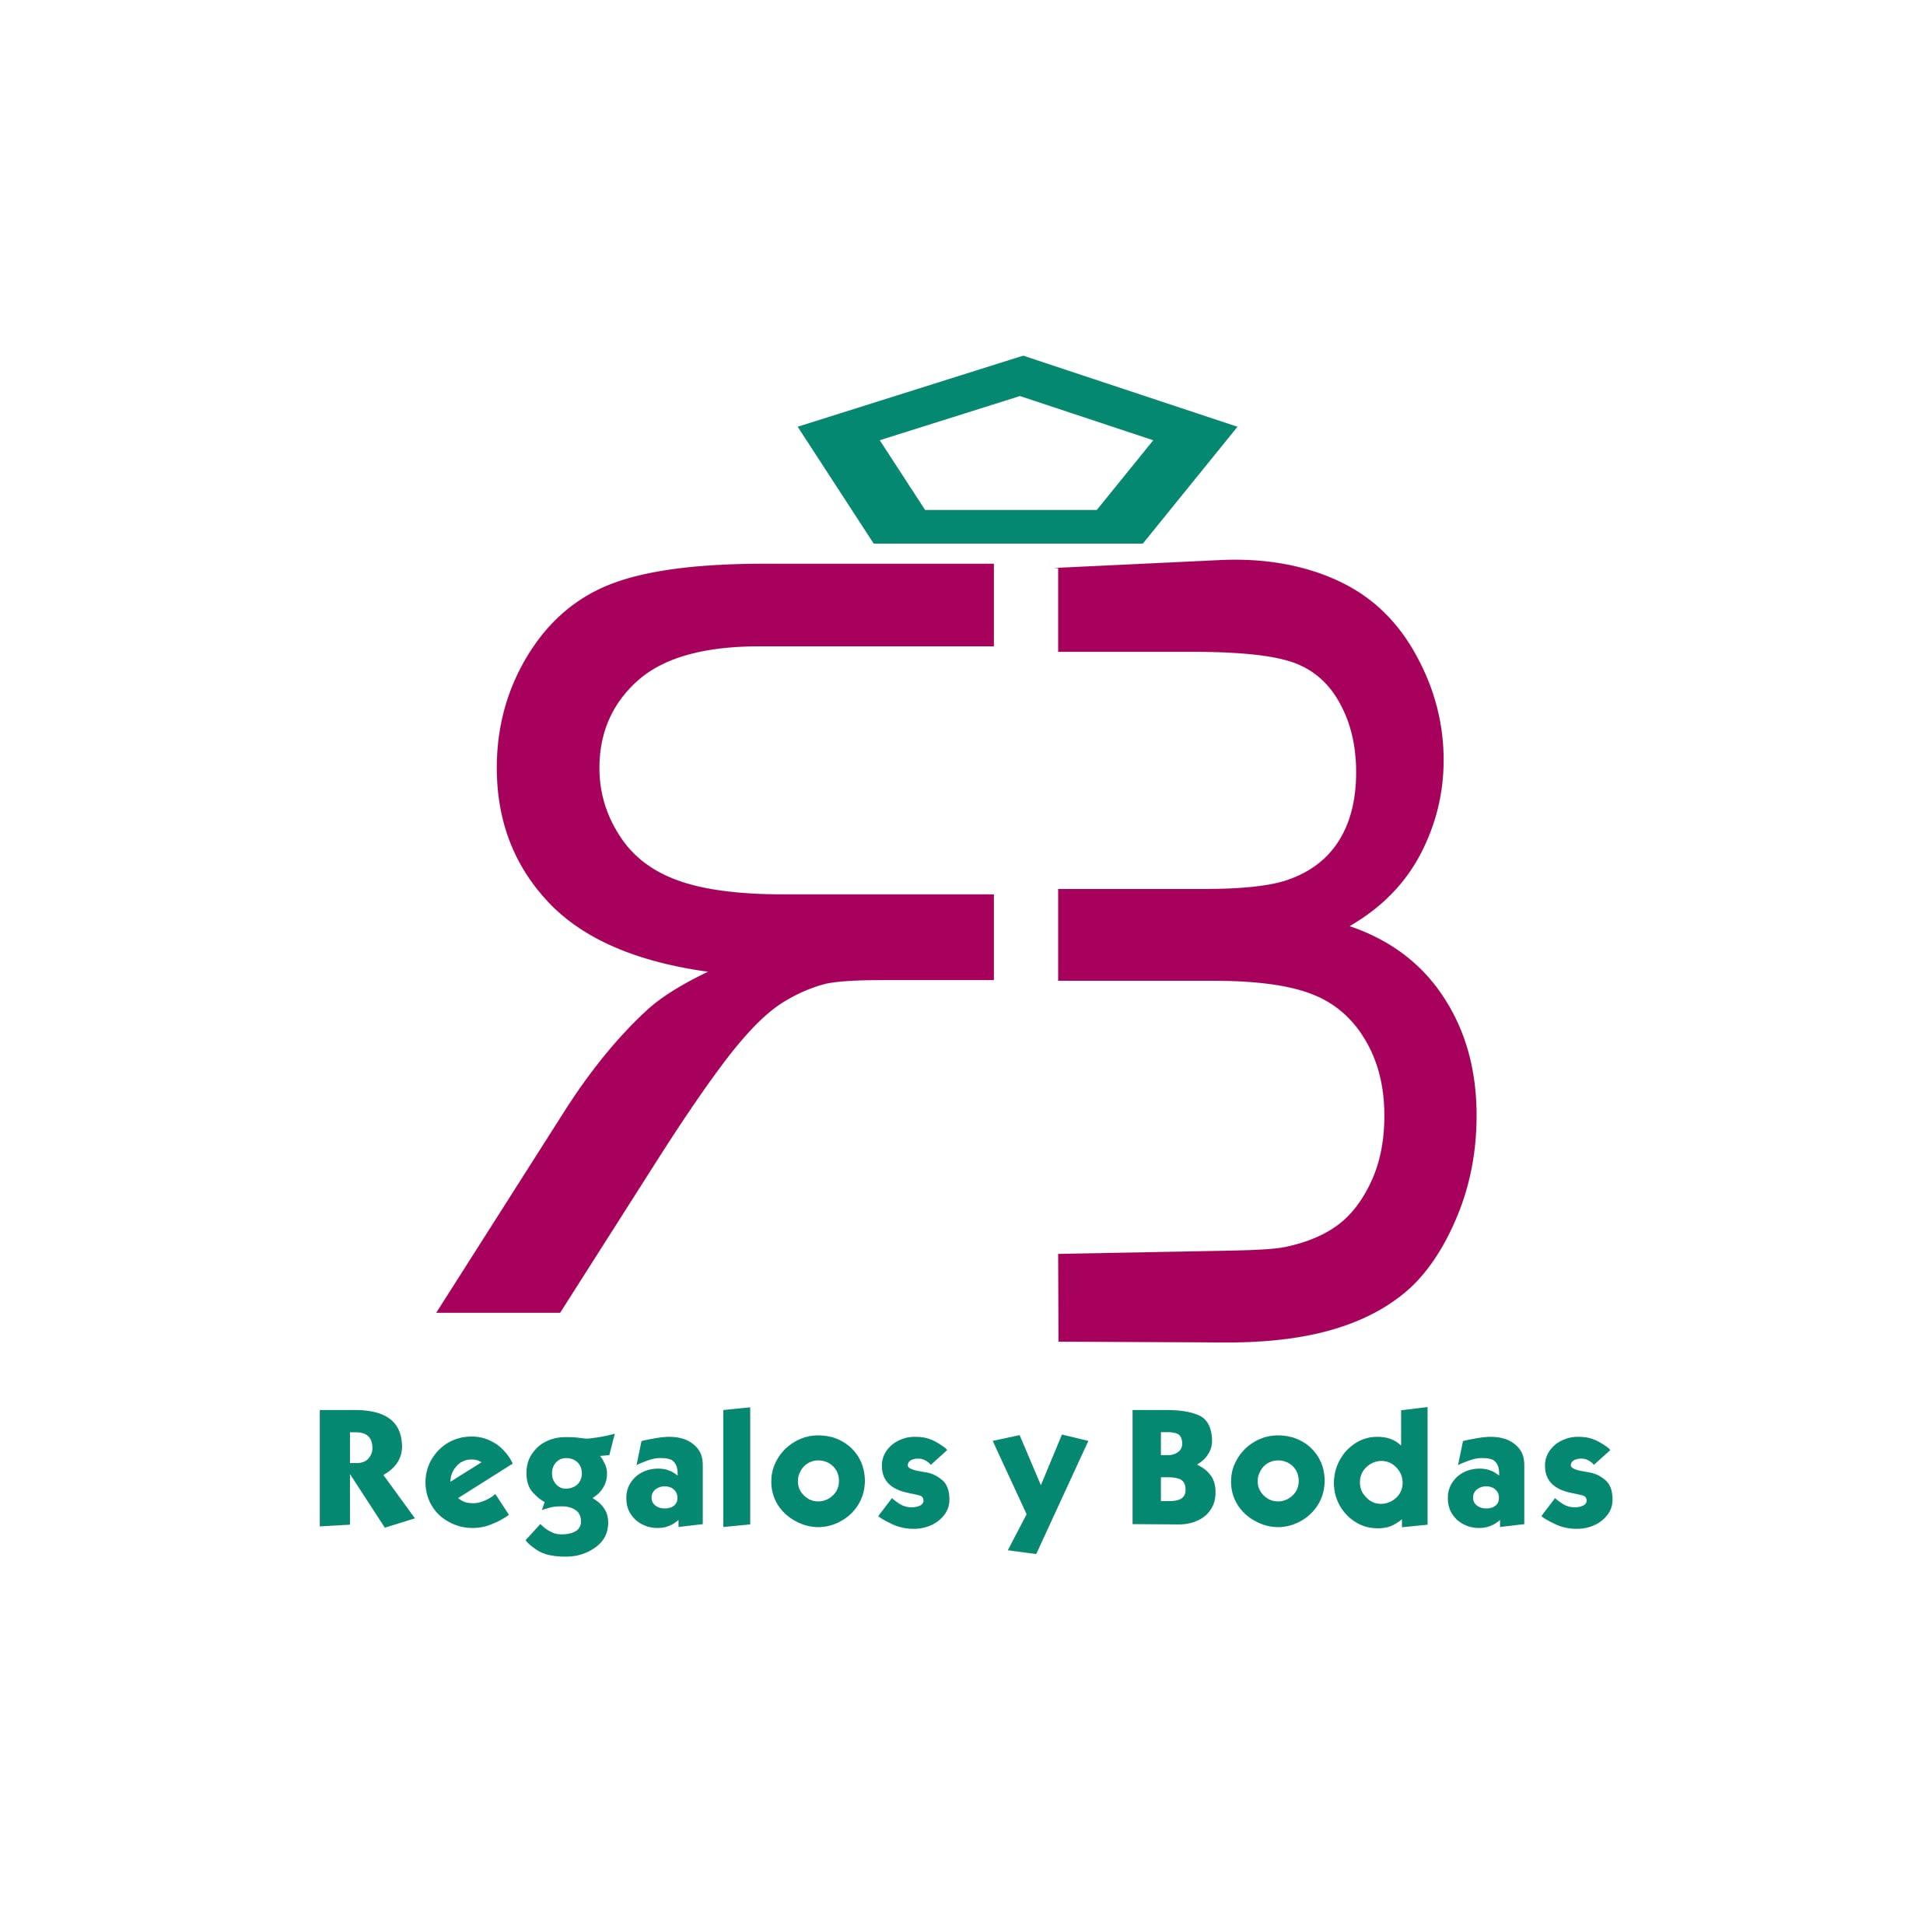 Regalosybodas